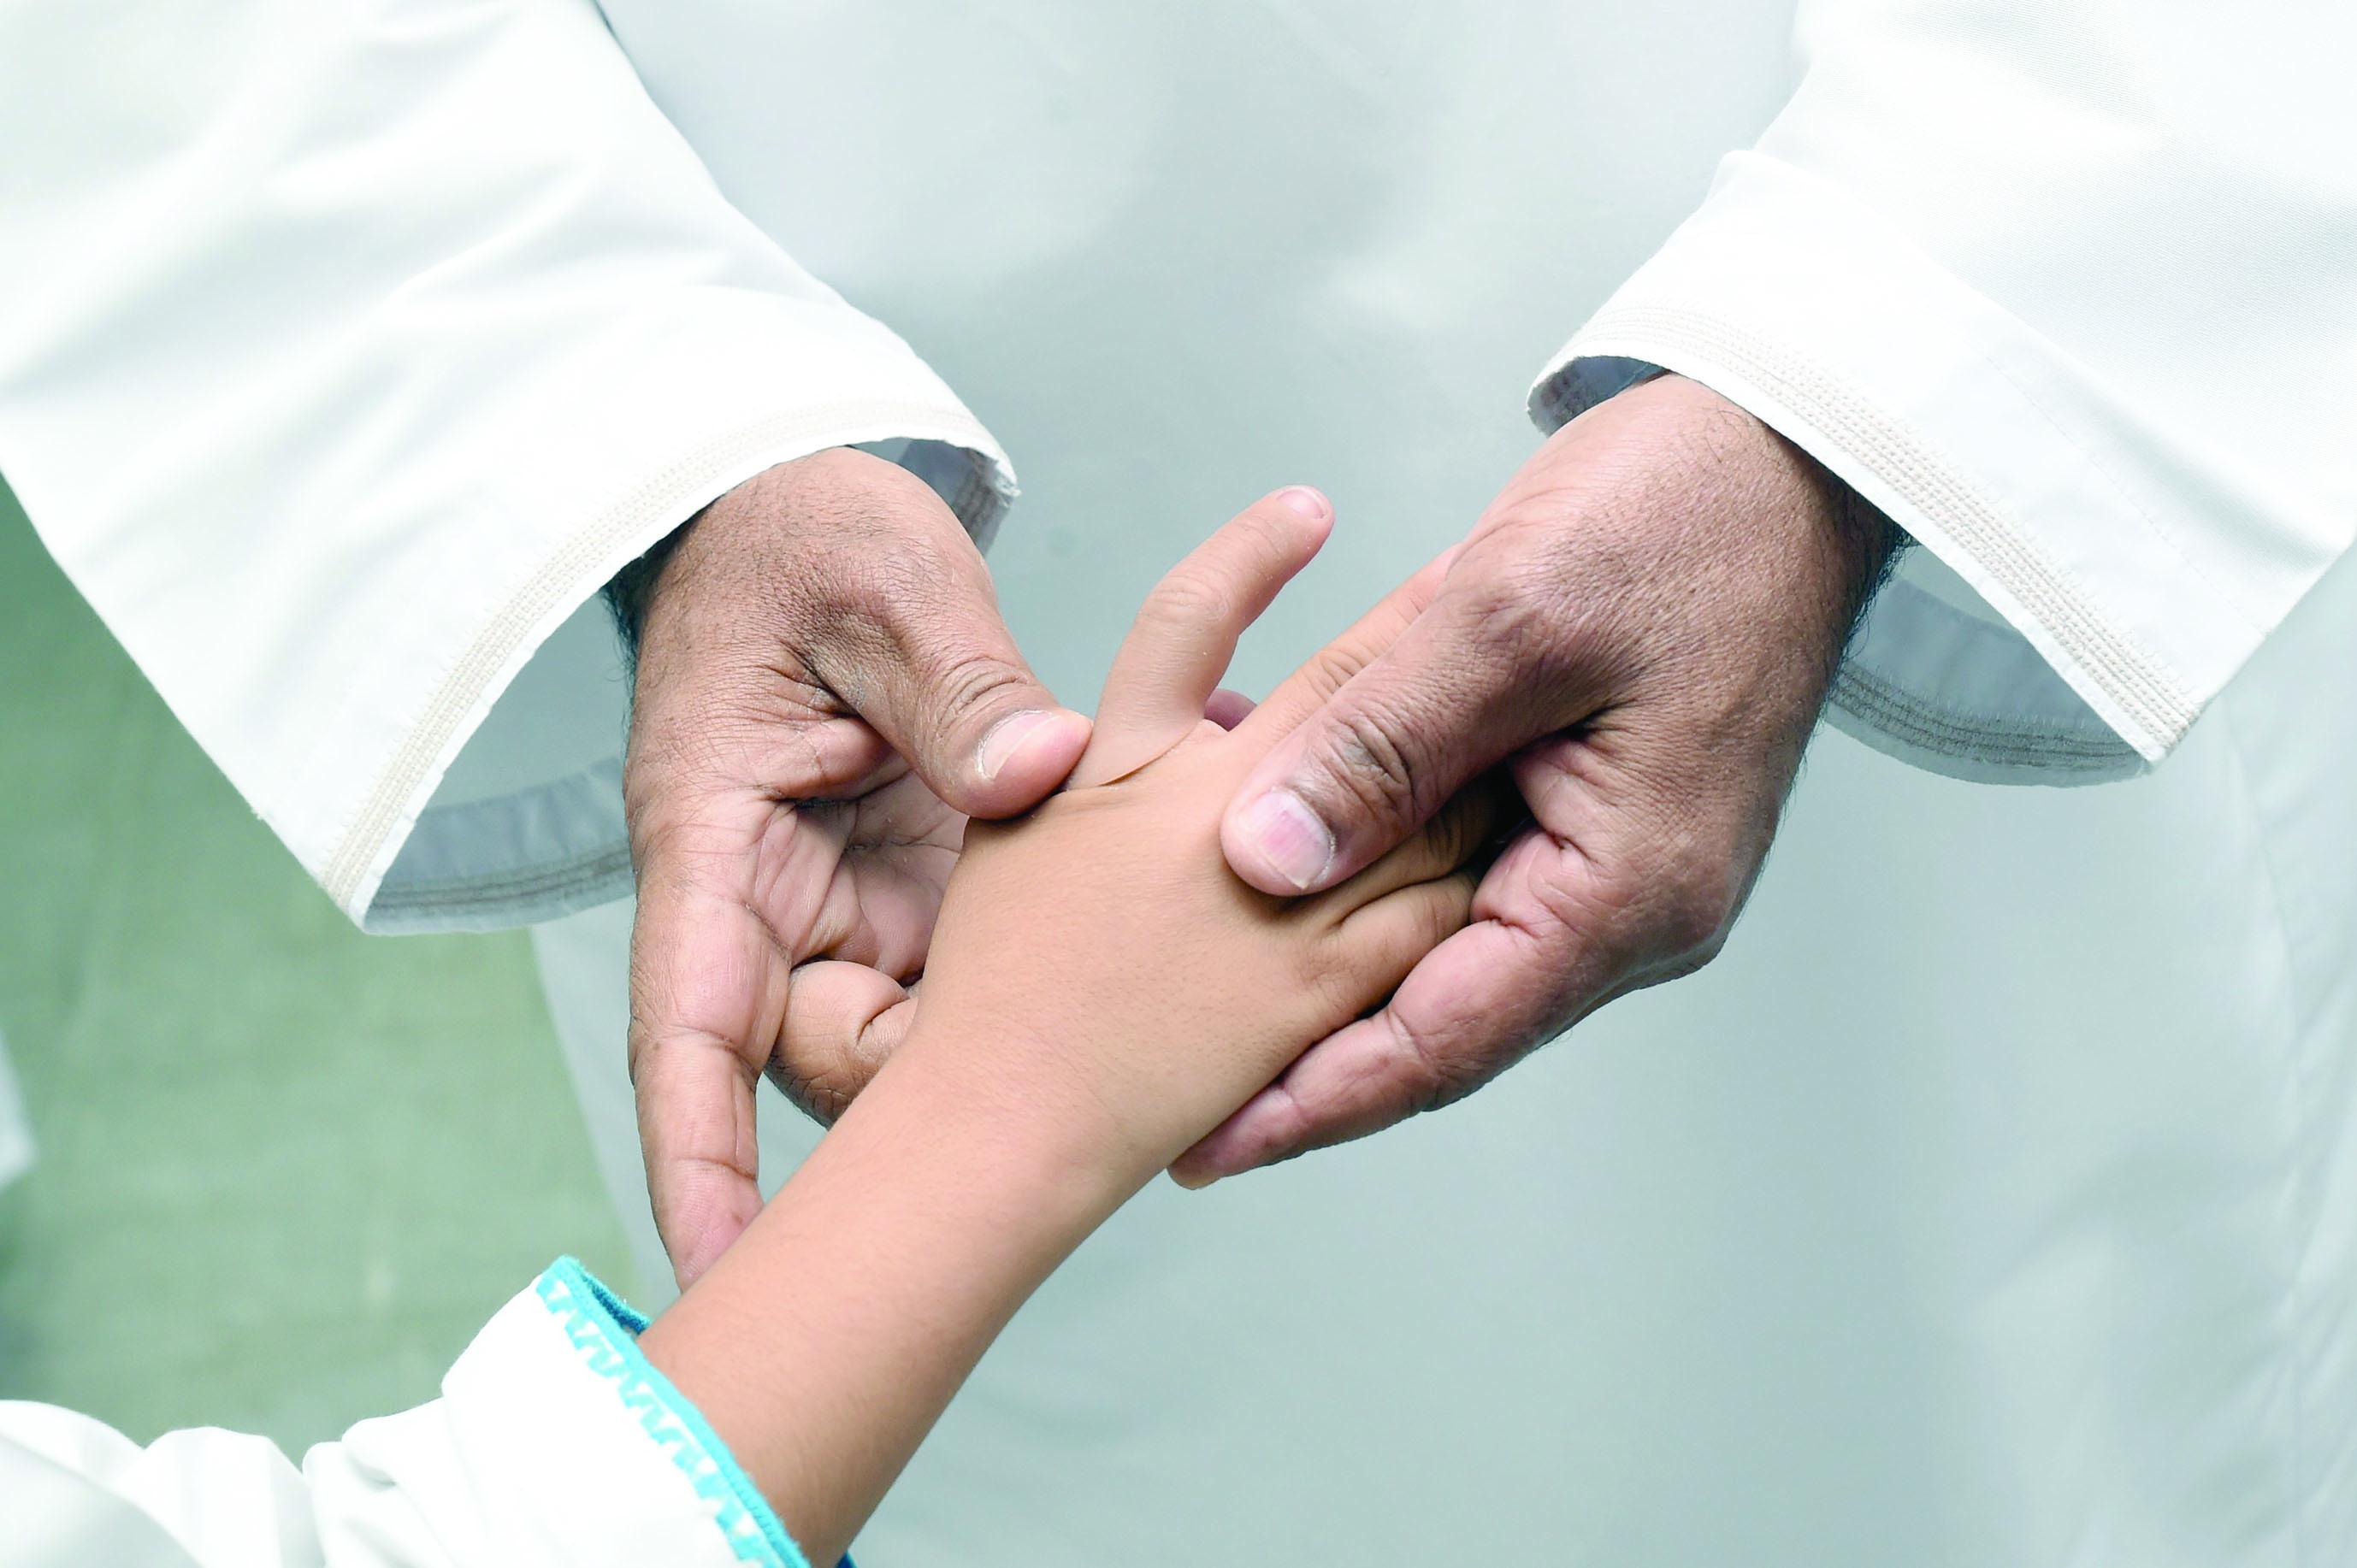 في مستشفى خولة لـ33 مريضاًتركيب عدد من الأصابع الصناعية المتطورة